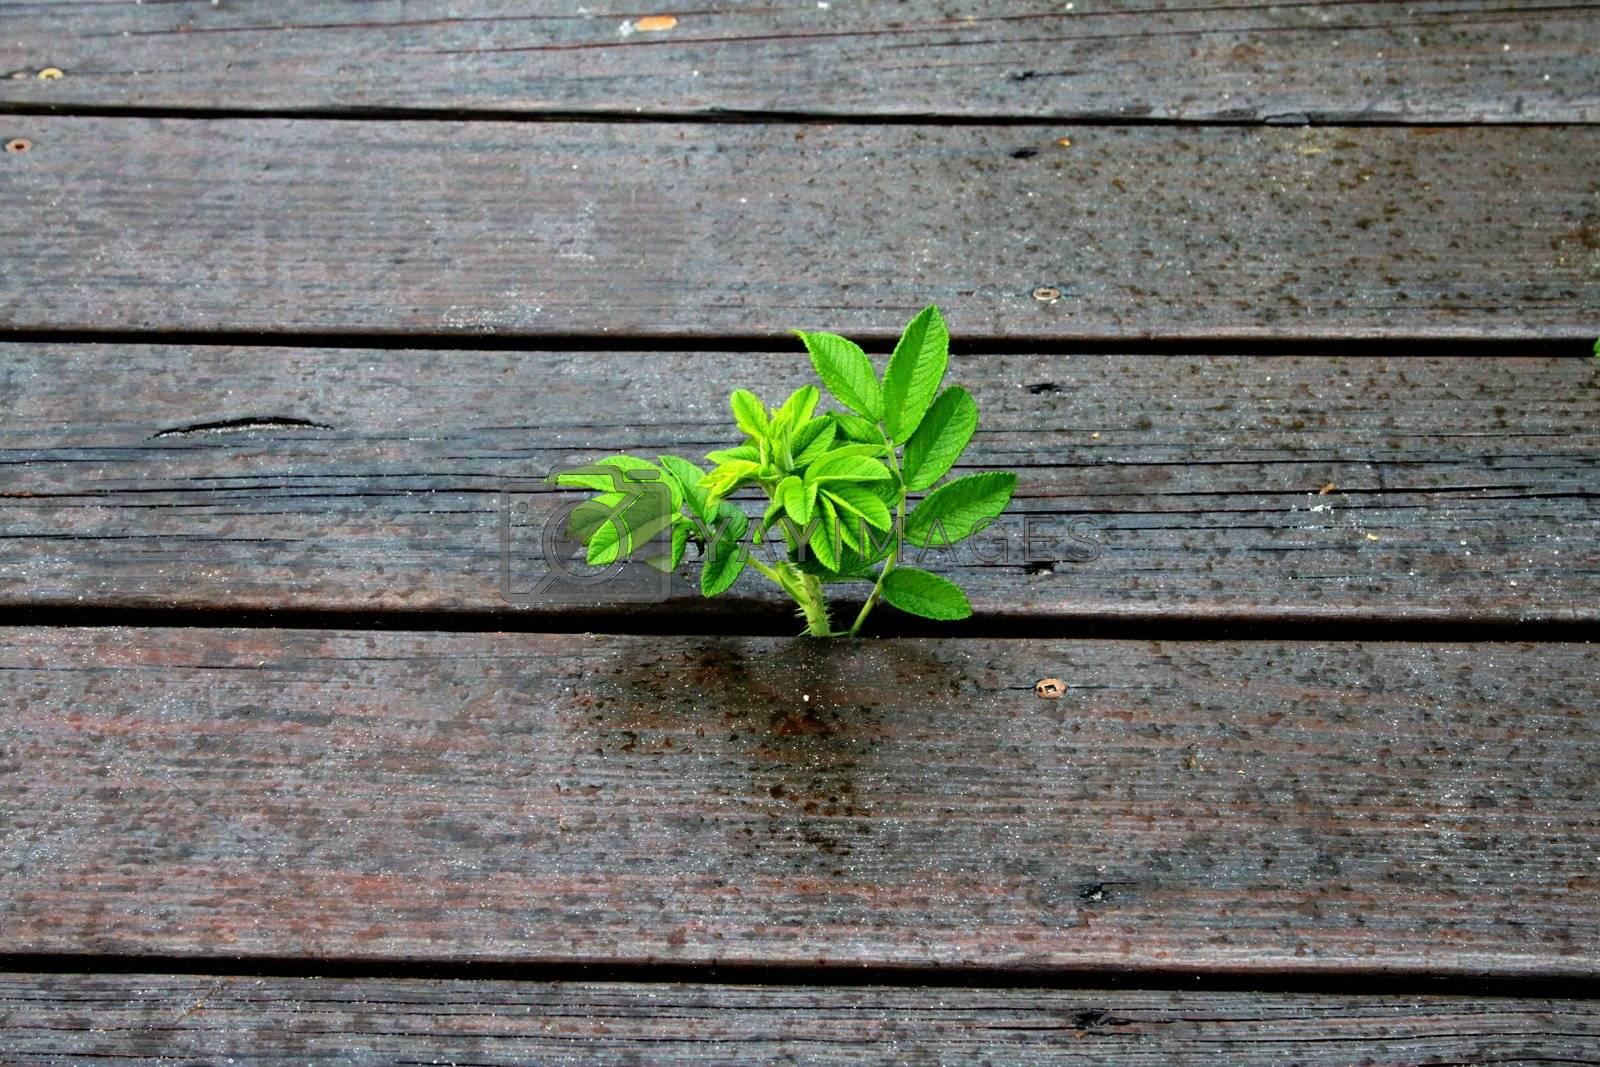 Wild plant growing between wooden walkway planks